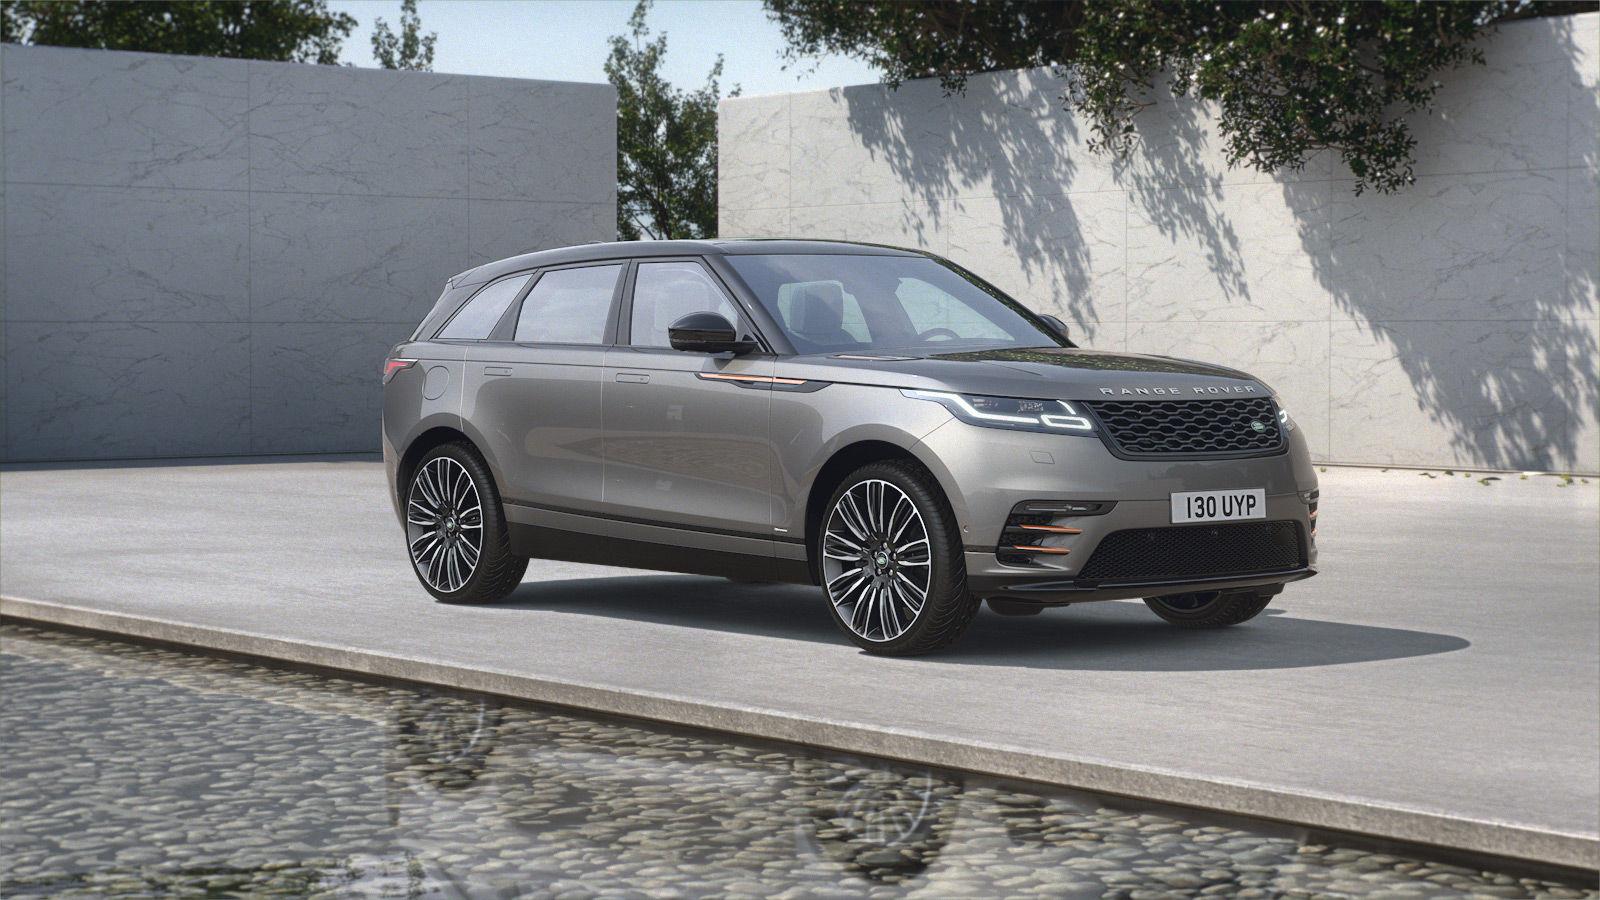 Range Rover Velar debuts at Alfardan showrooms